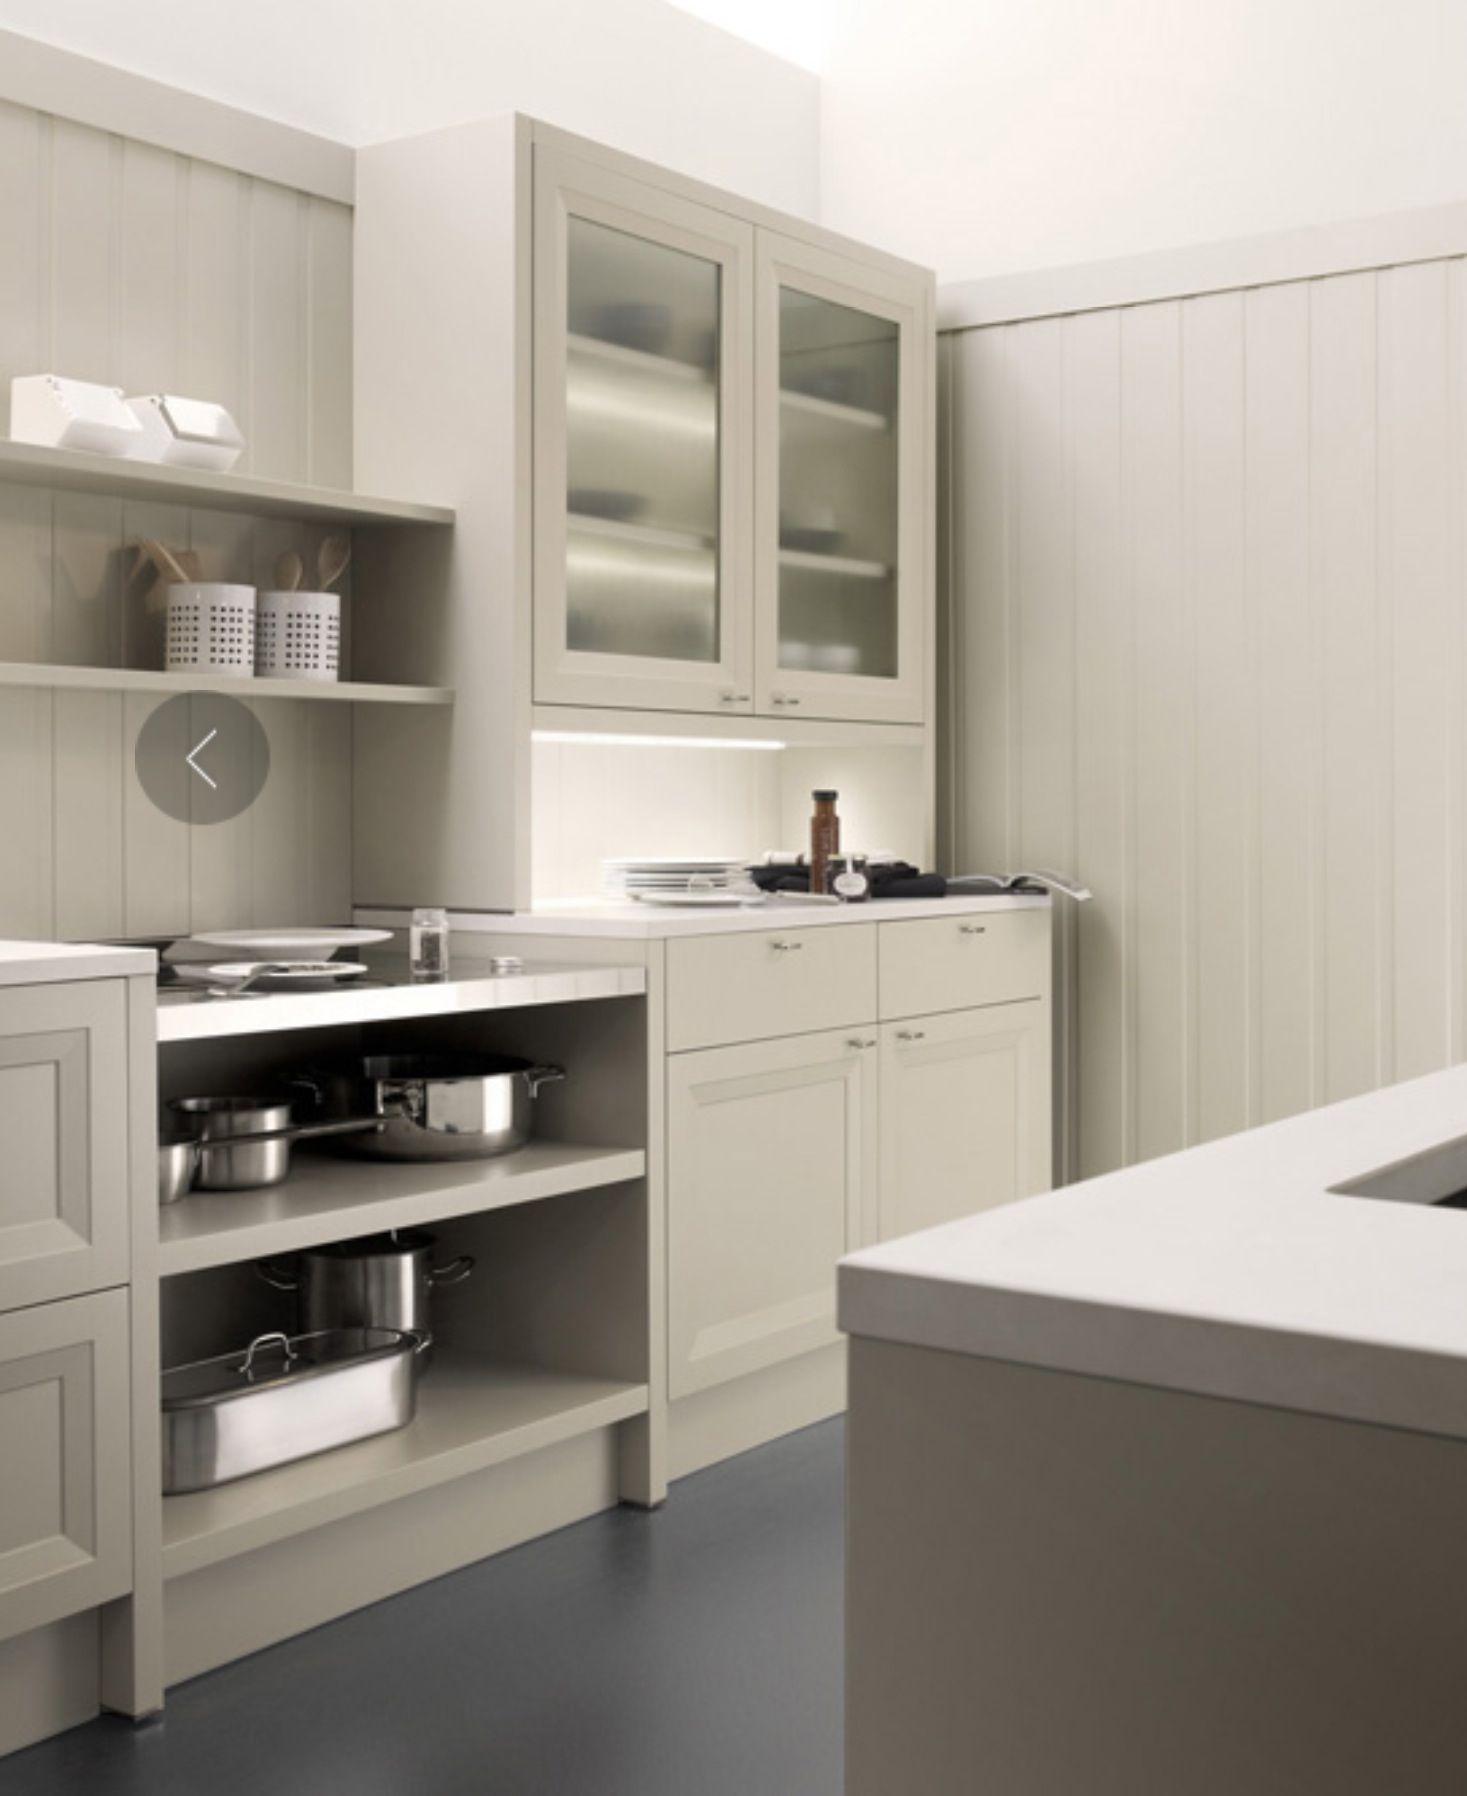 Decidido studio mobalco para mi nueva cocina y su modelo - Cocinas quivir ...